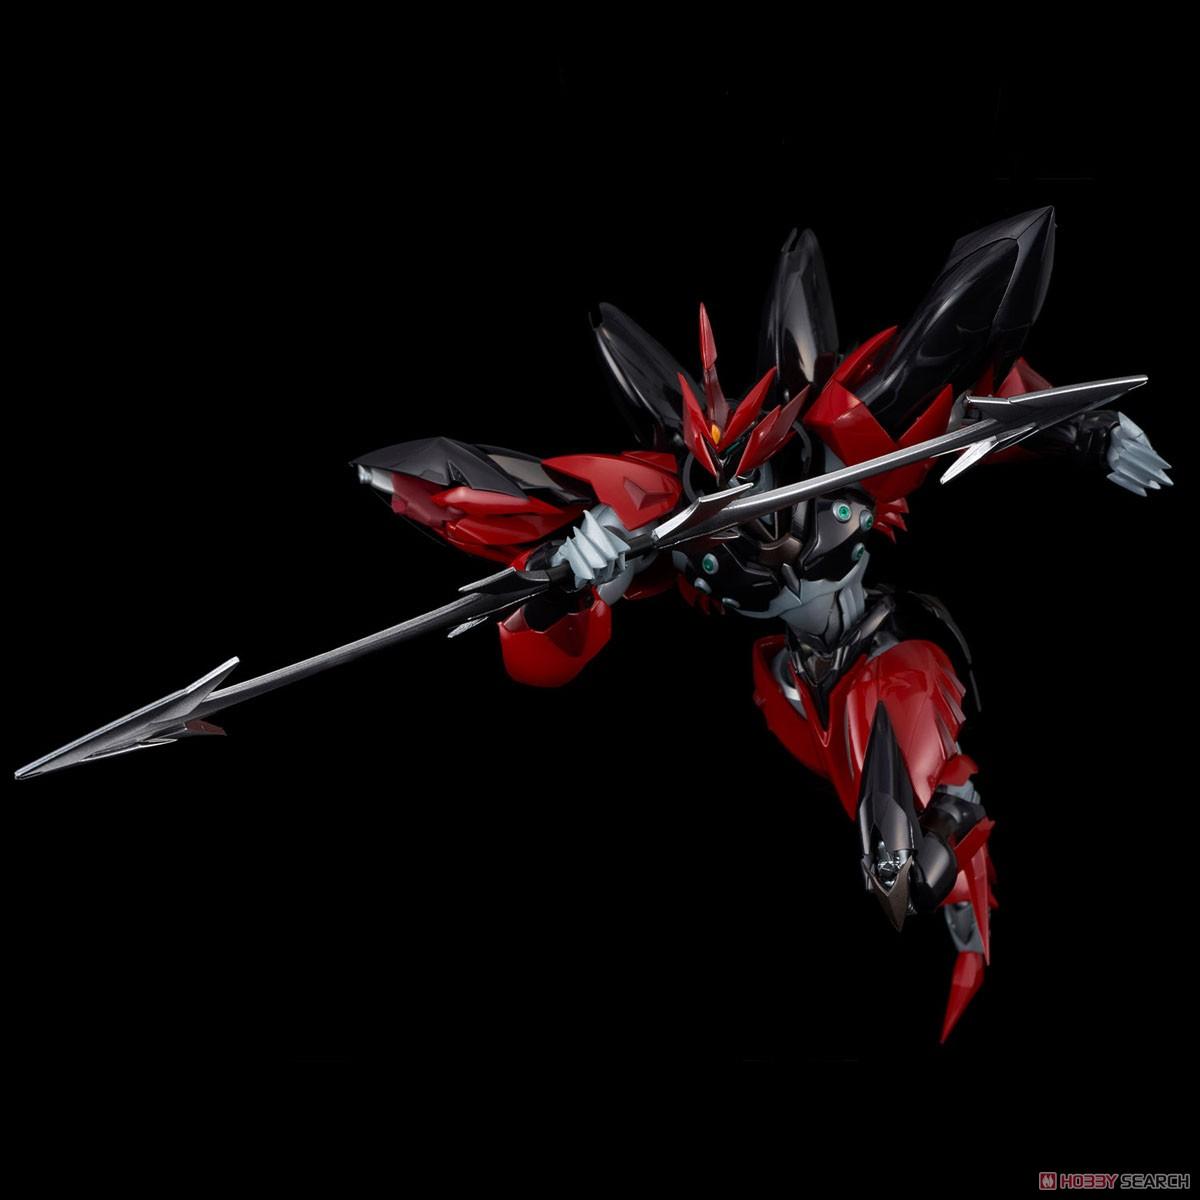 RIOBOT『テッカマンエビル』宇宙の騎士テッカマンブレード 可動フィギュア-005